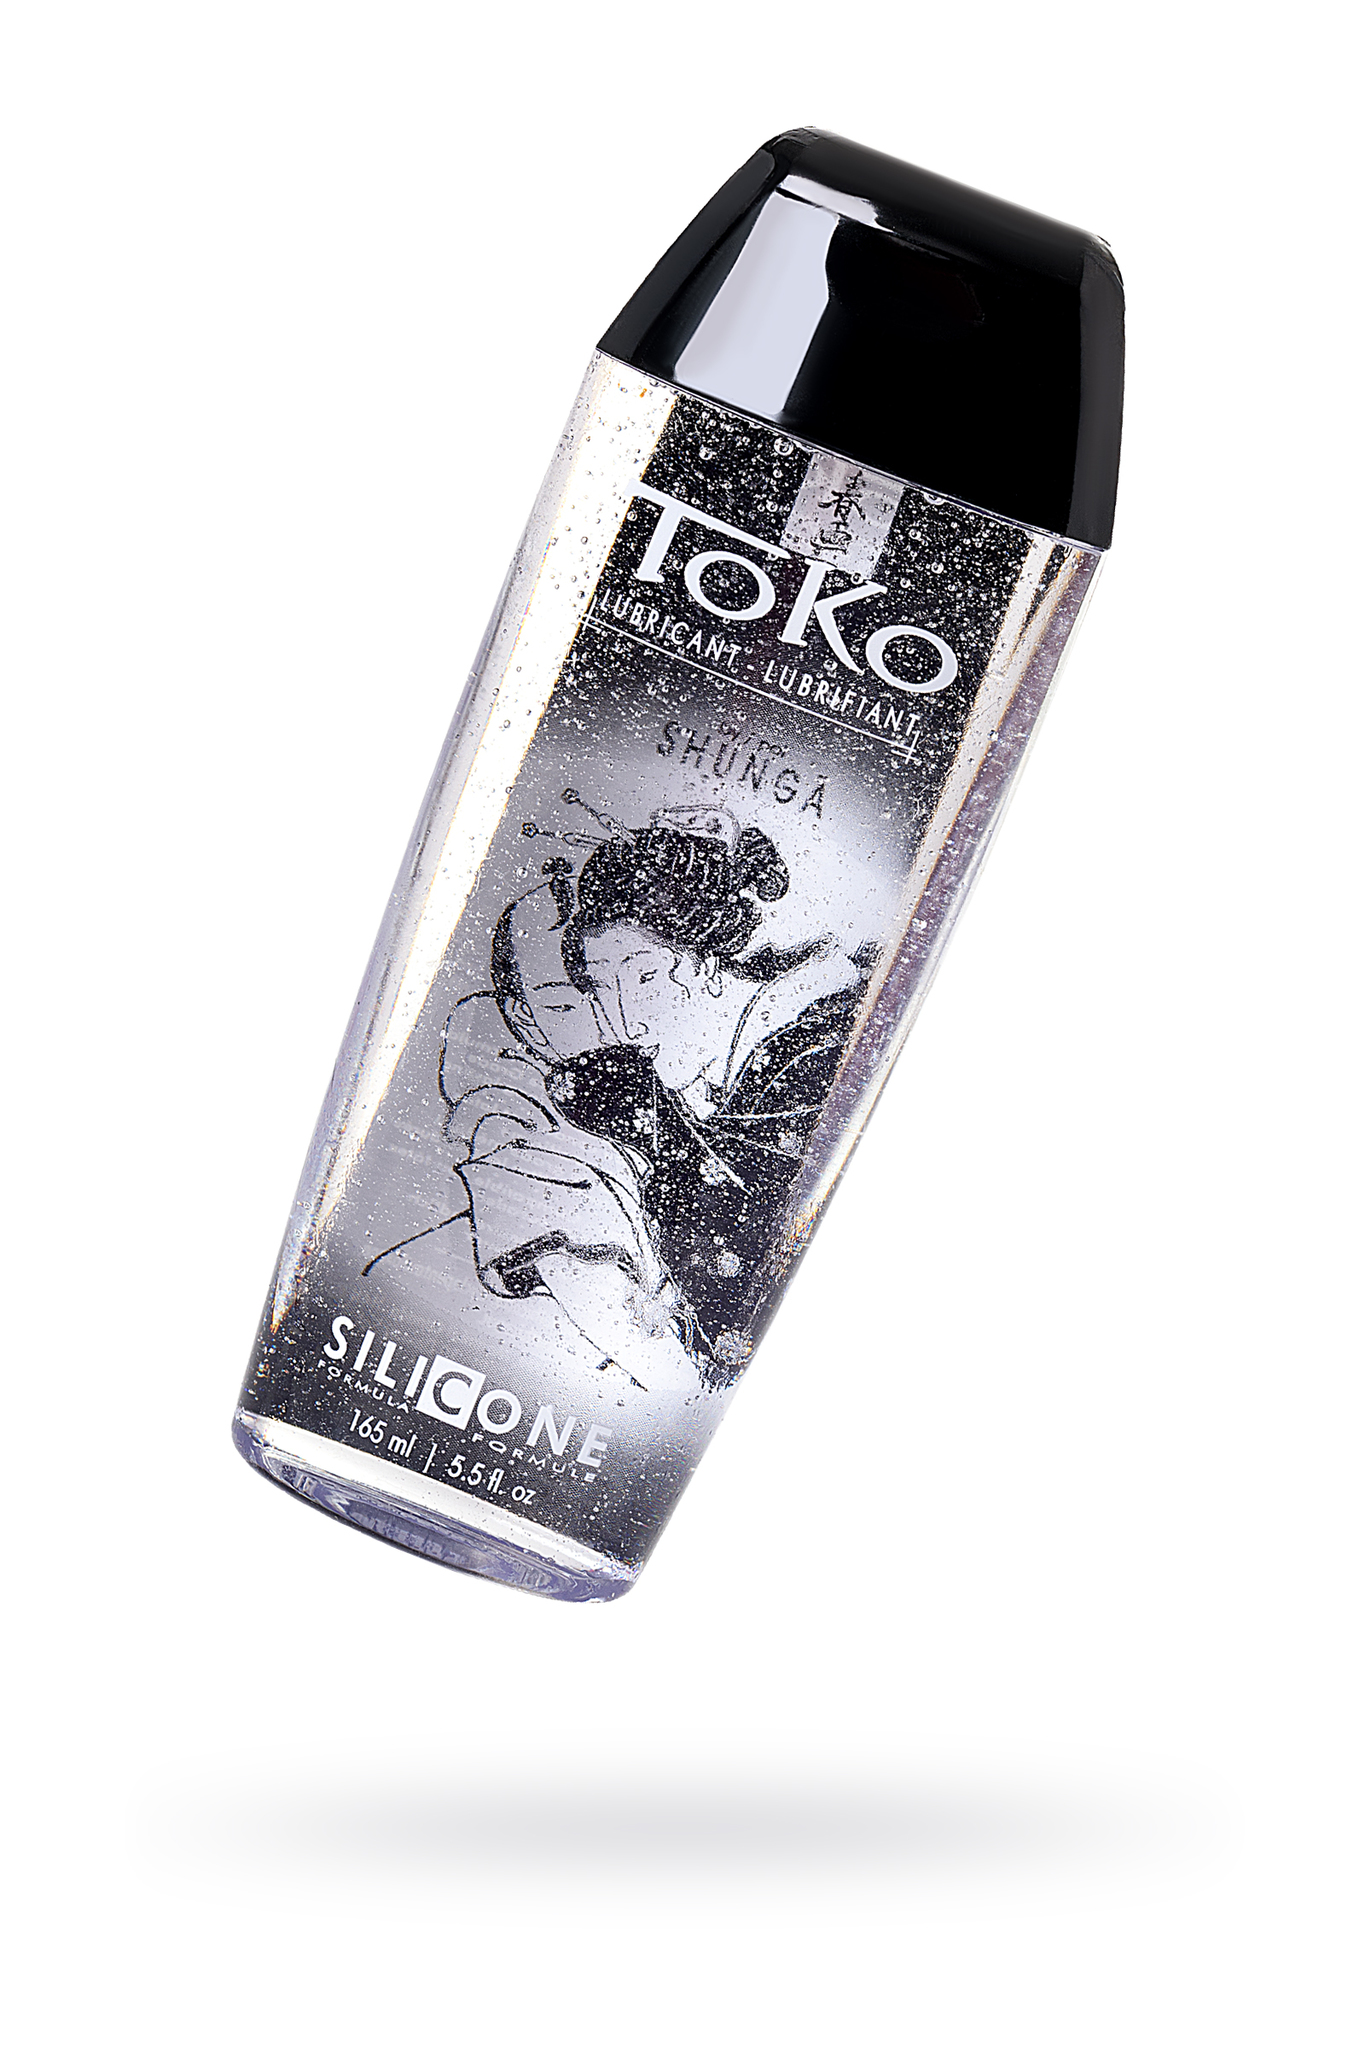 Лубрикант Shunga Toko Silicone на силиконовой основе, длительное скольжение, 165 мл фото